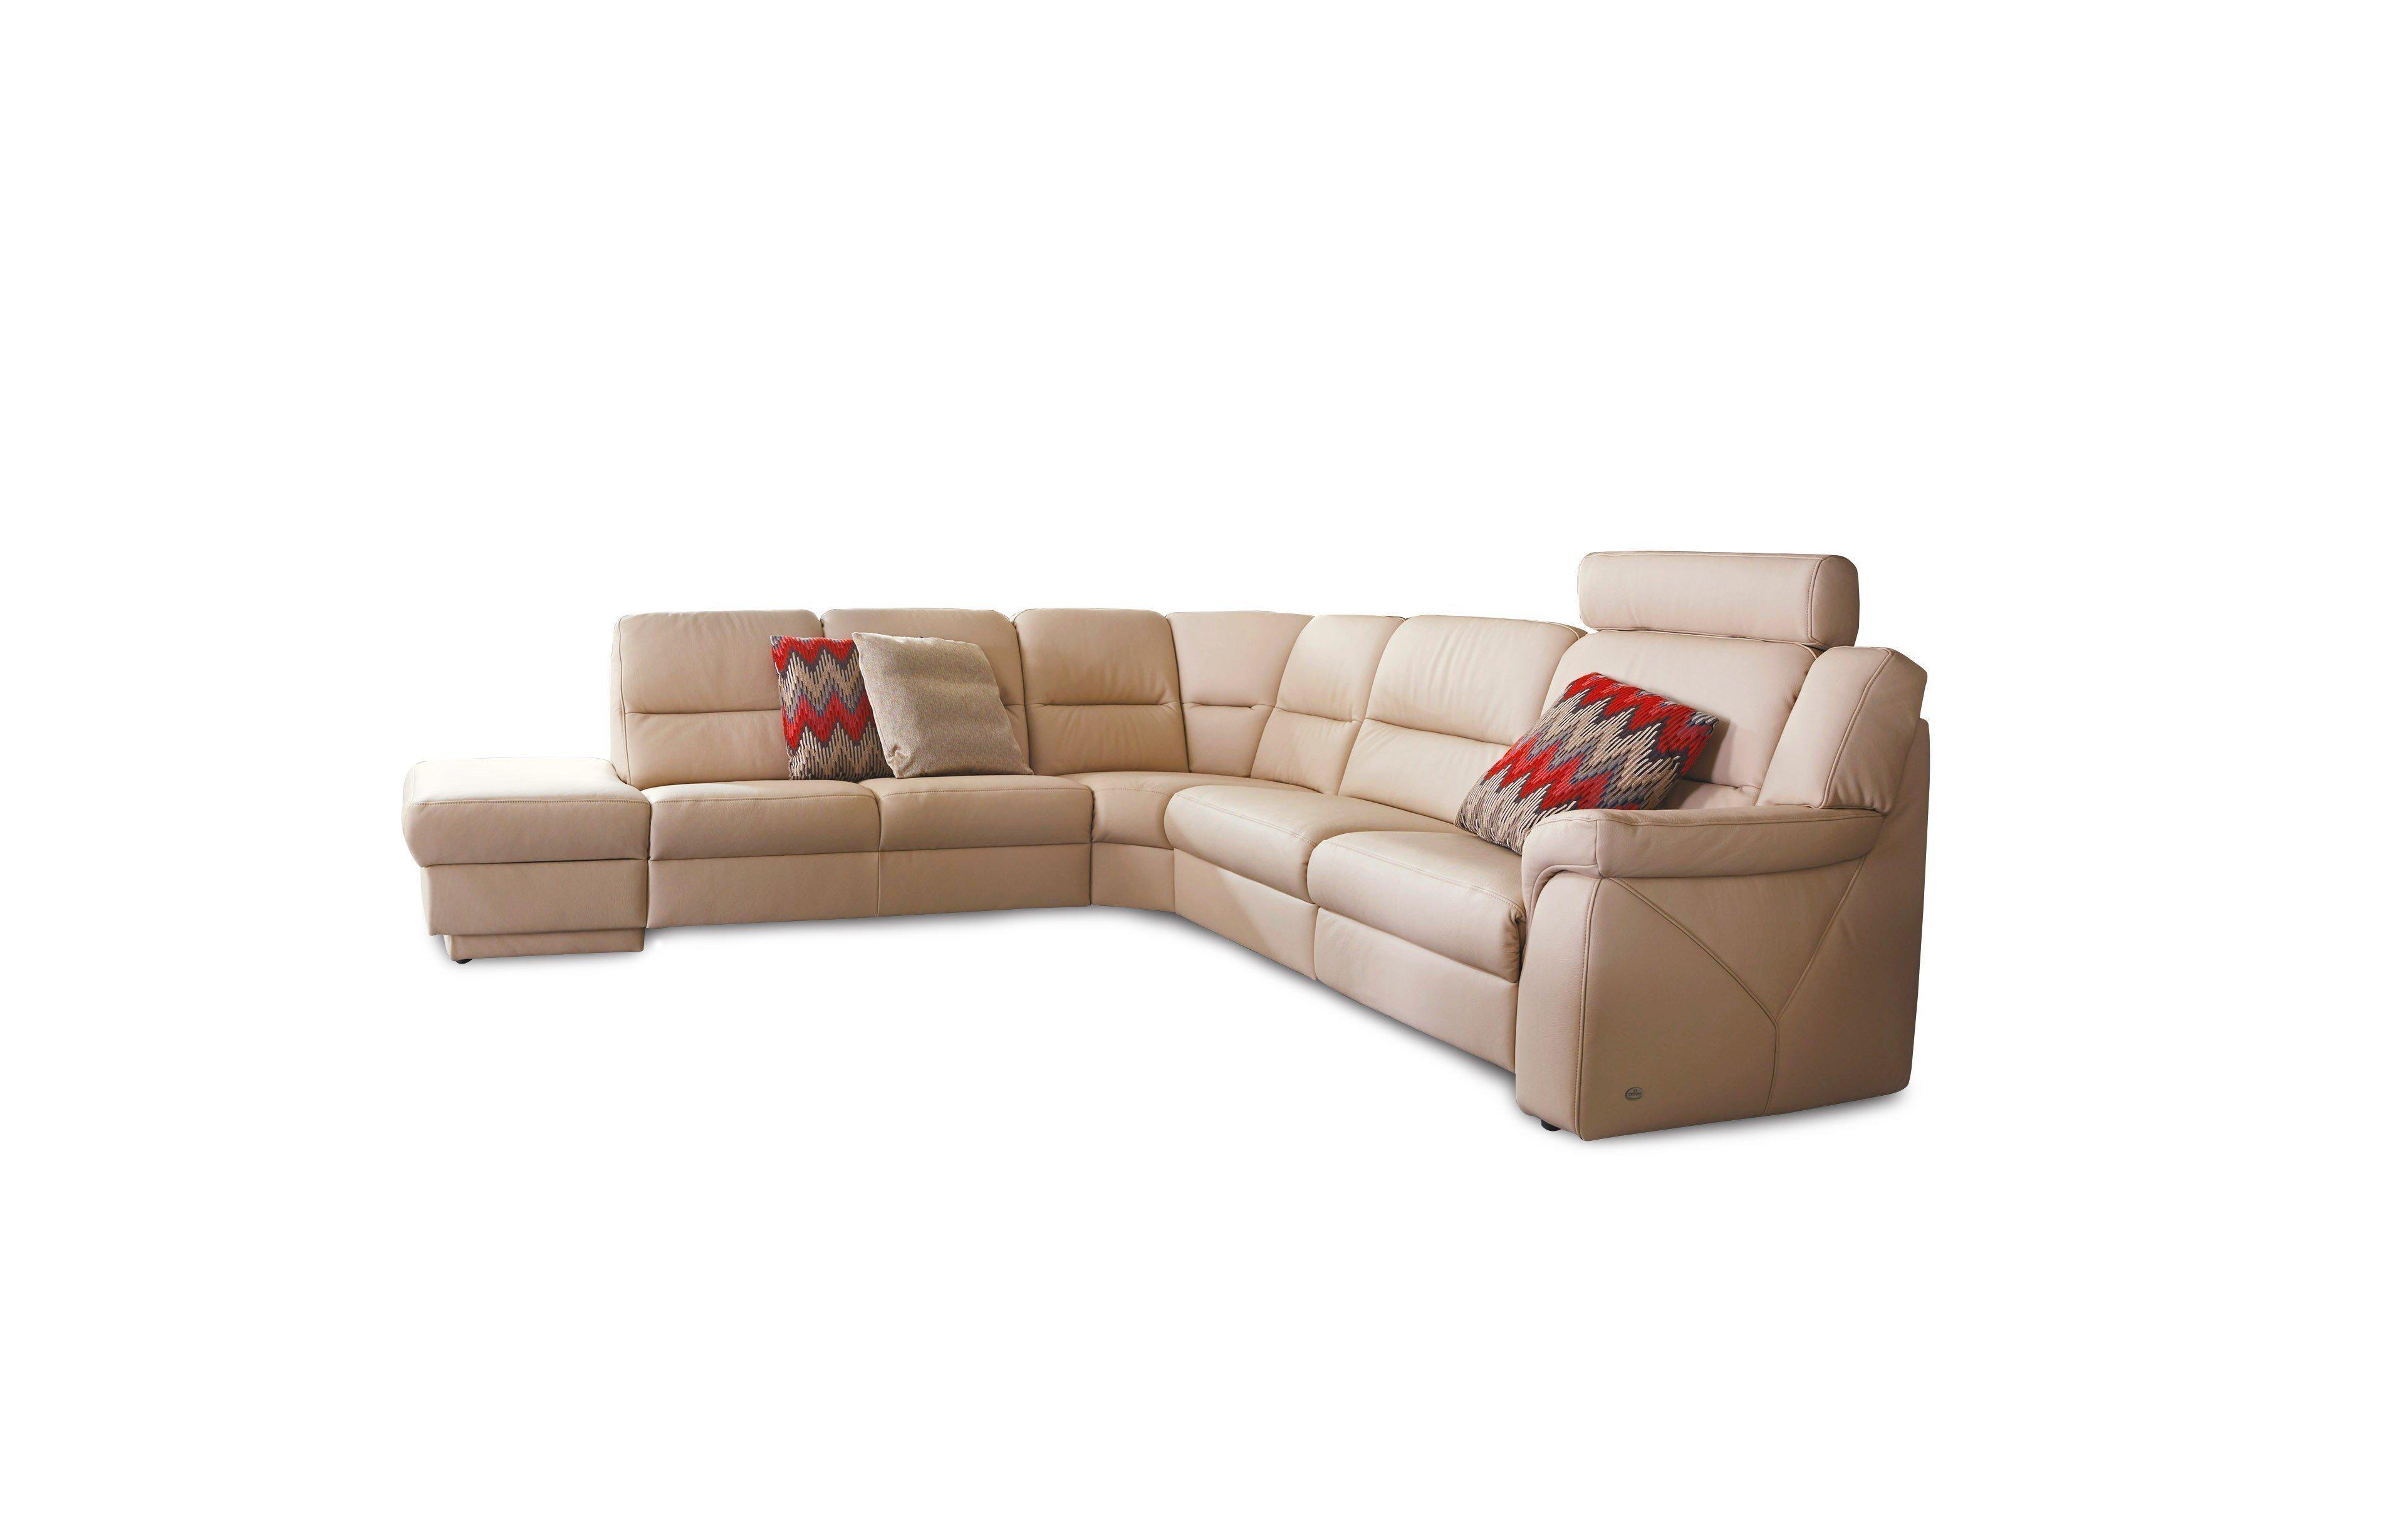 himolla polsterm bel 1101 polstergarnitur creme m bel letz ihr online shop. Black Bedroom Furniture Sets. Home Design Ideas